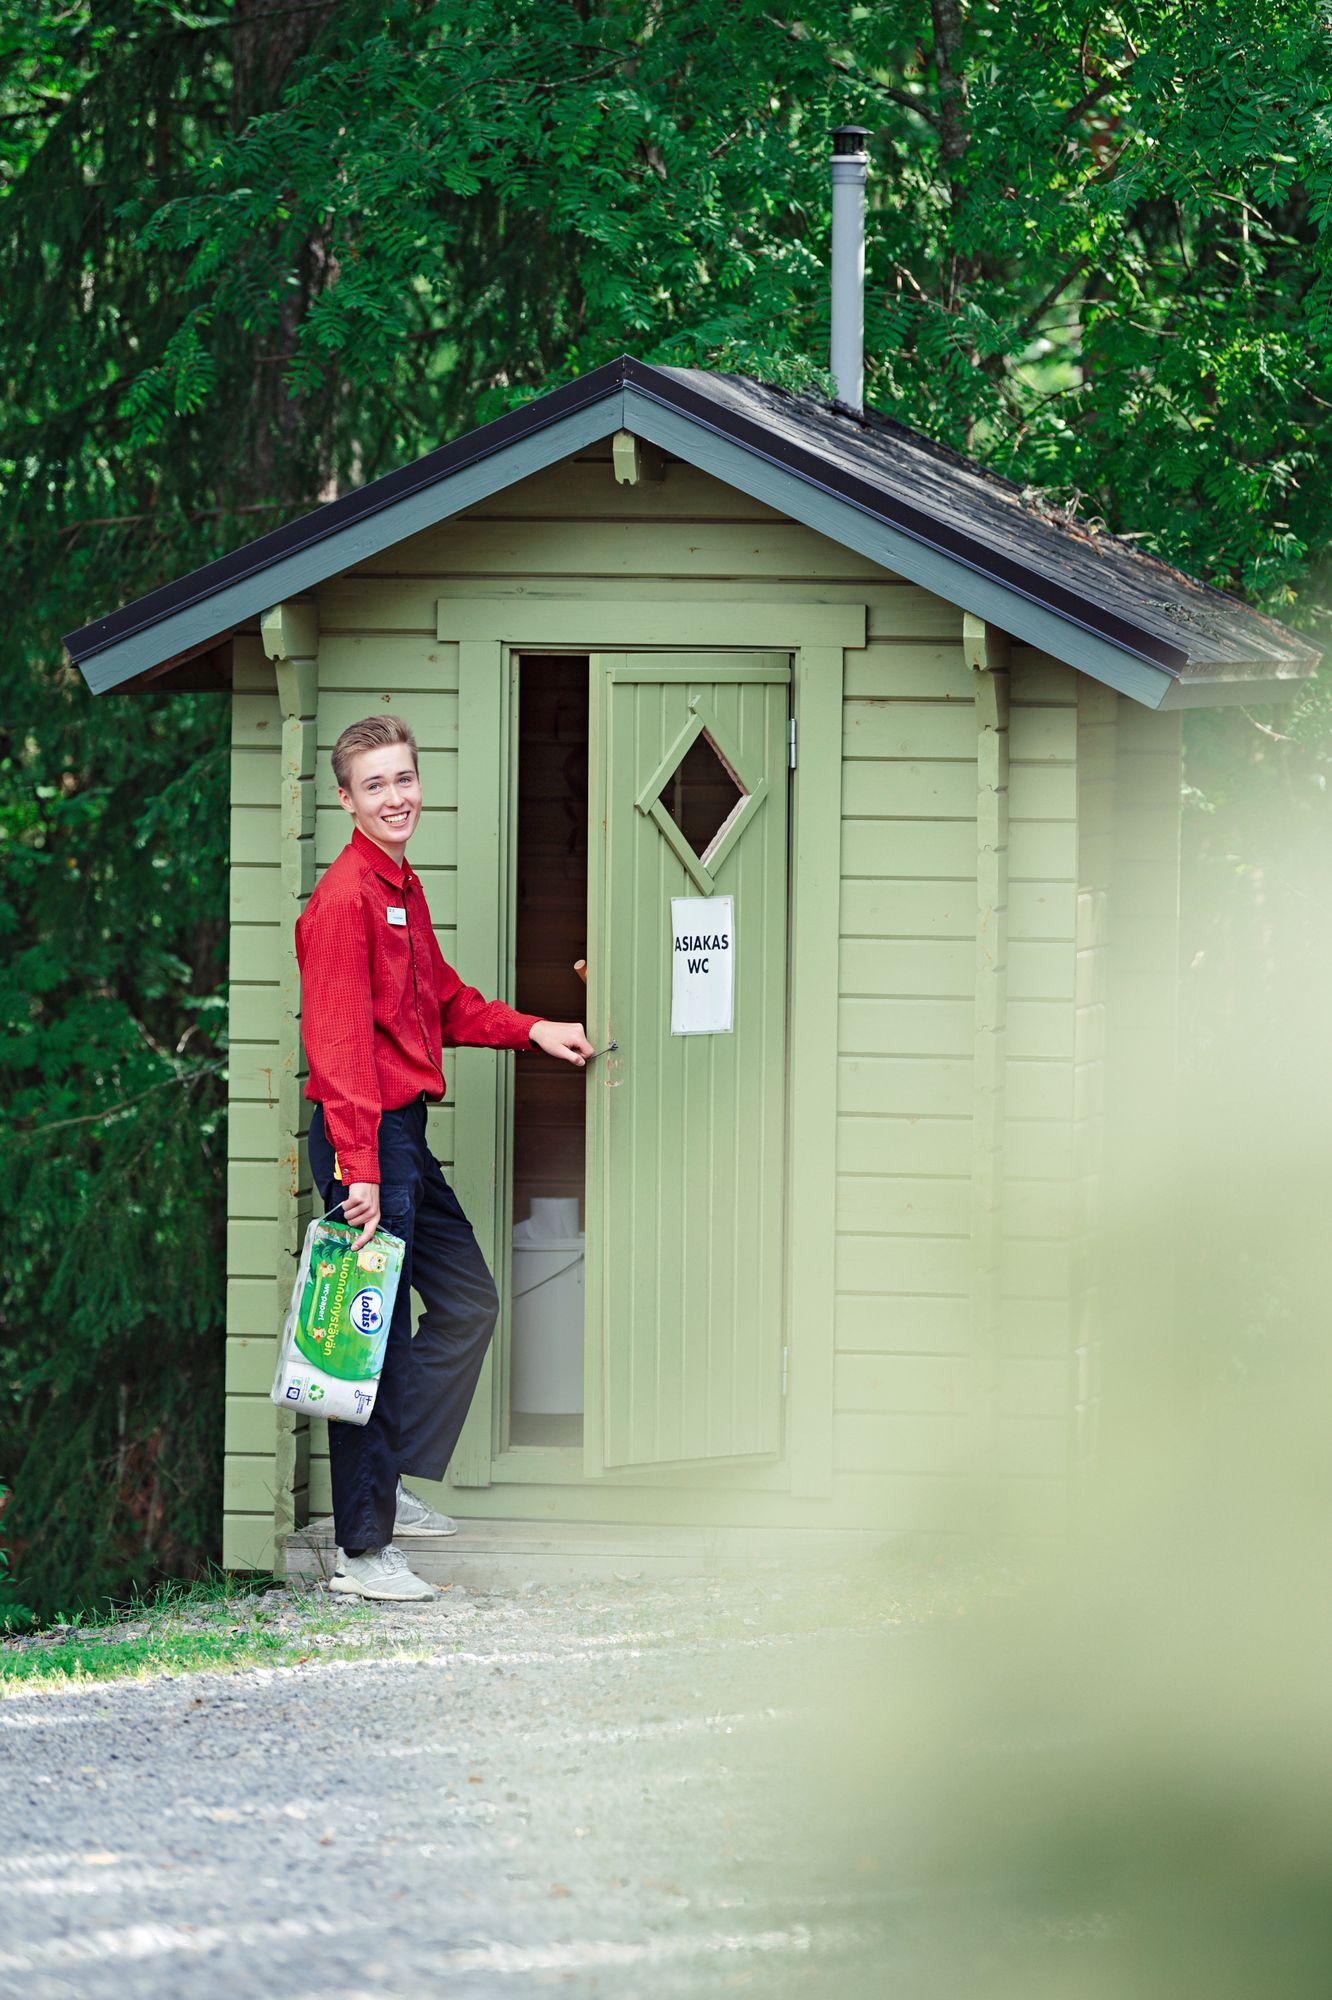 Eetu Lautiainen on ensimmäistä kesää töissä kyläkaupassa. © Pihla Liukkonen